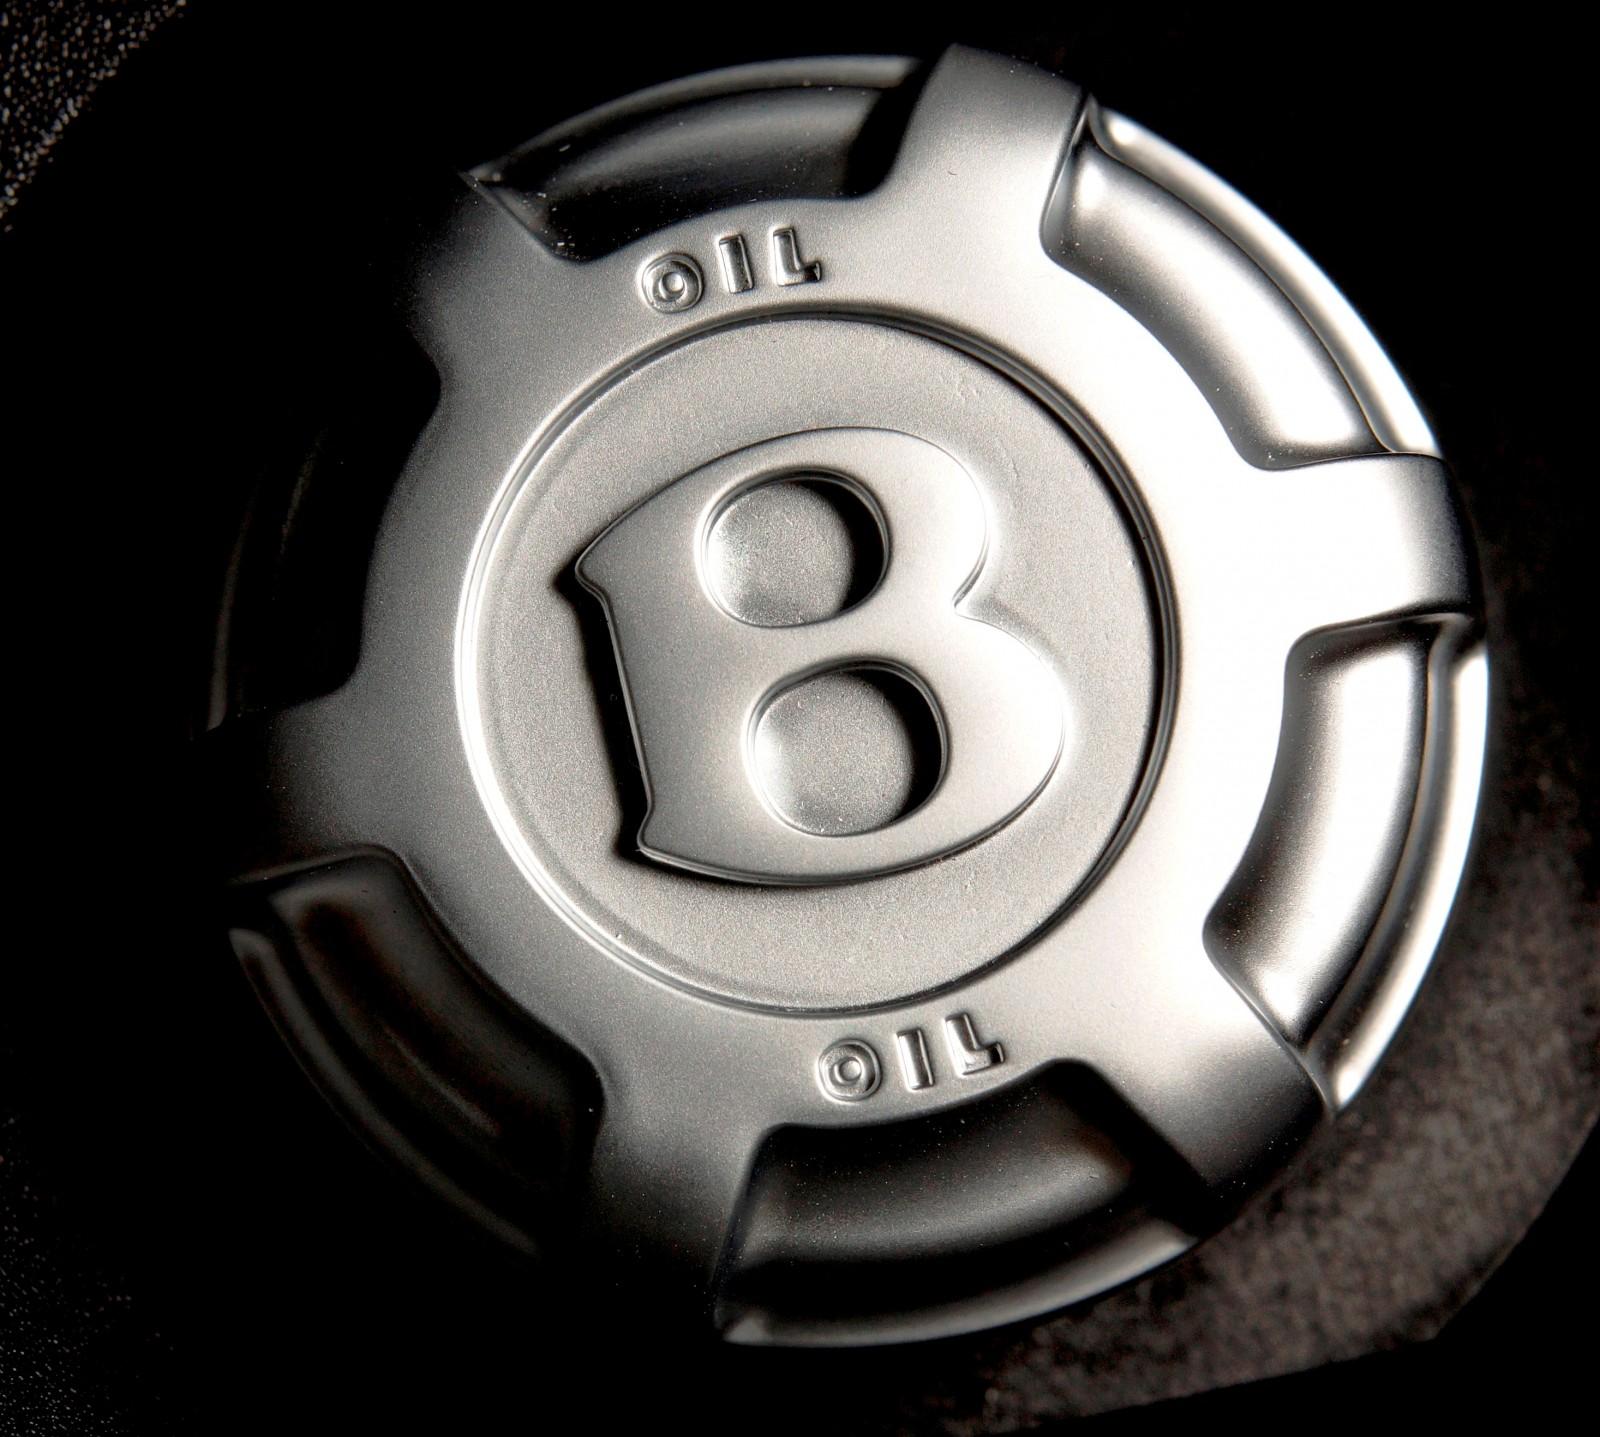 2012 Bentley Flying Spur W12 Diamond Black: The Best-Handling, Best-Looking